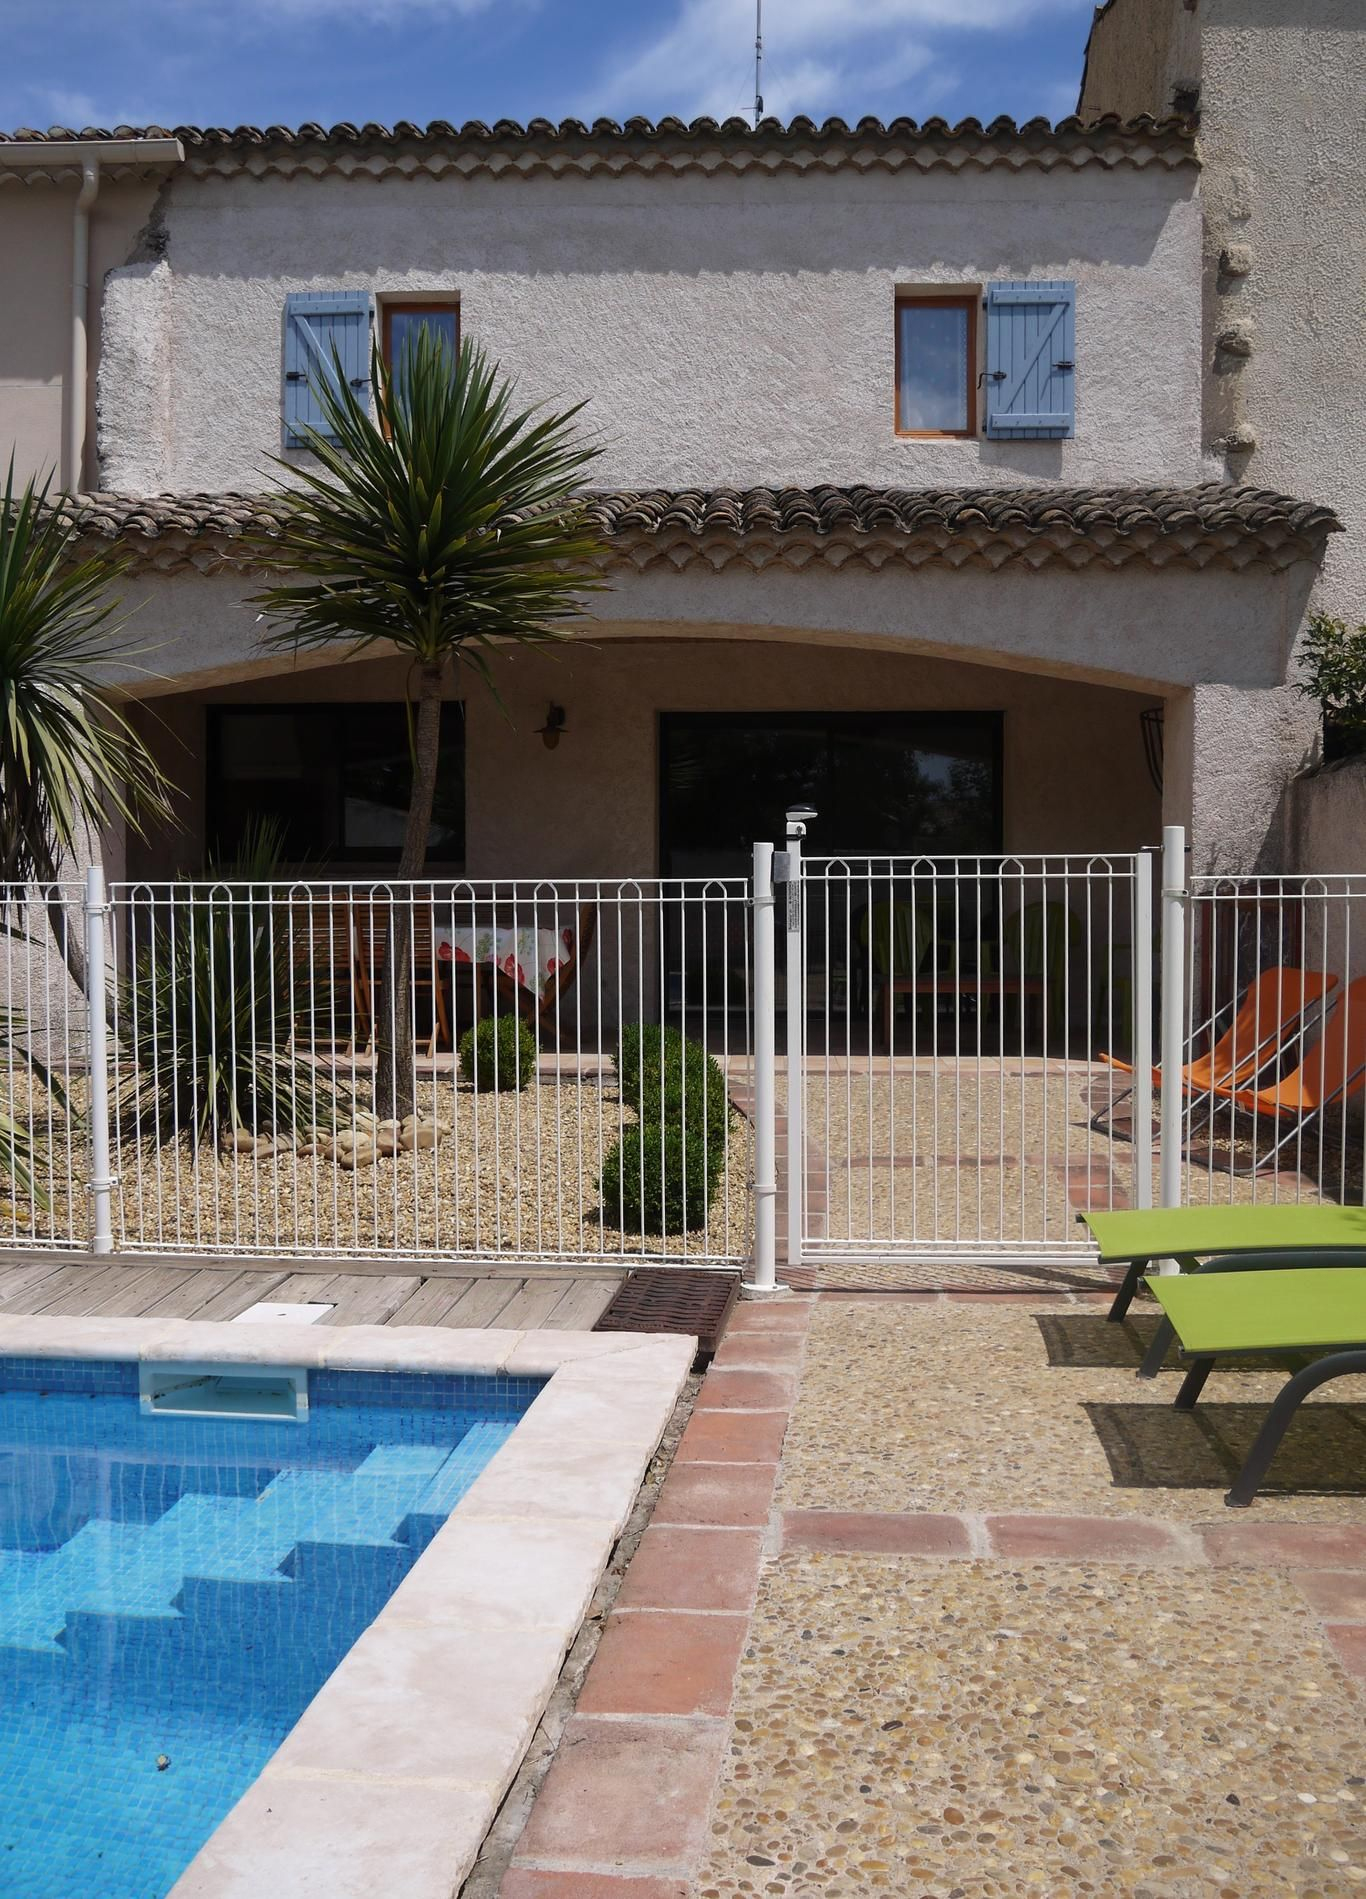 Hérault. Location D'une Maison Vigneronne Rénovée Comprenant ... avec Location Maison Avec Piscine France